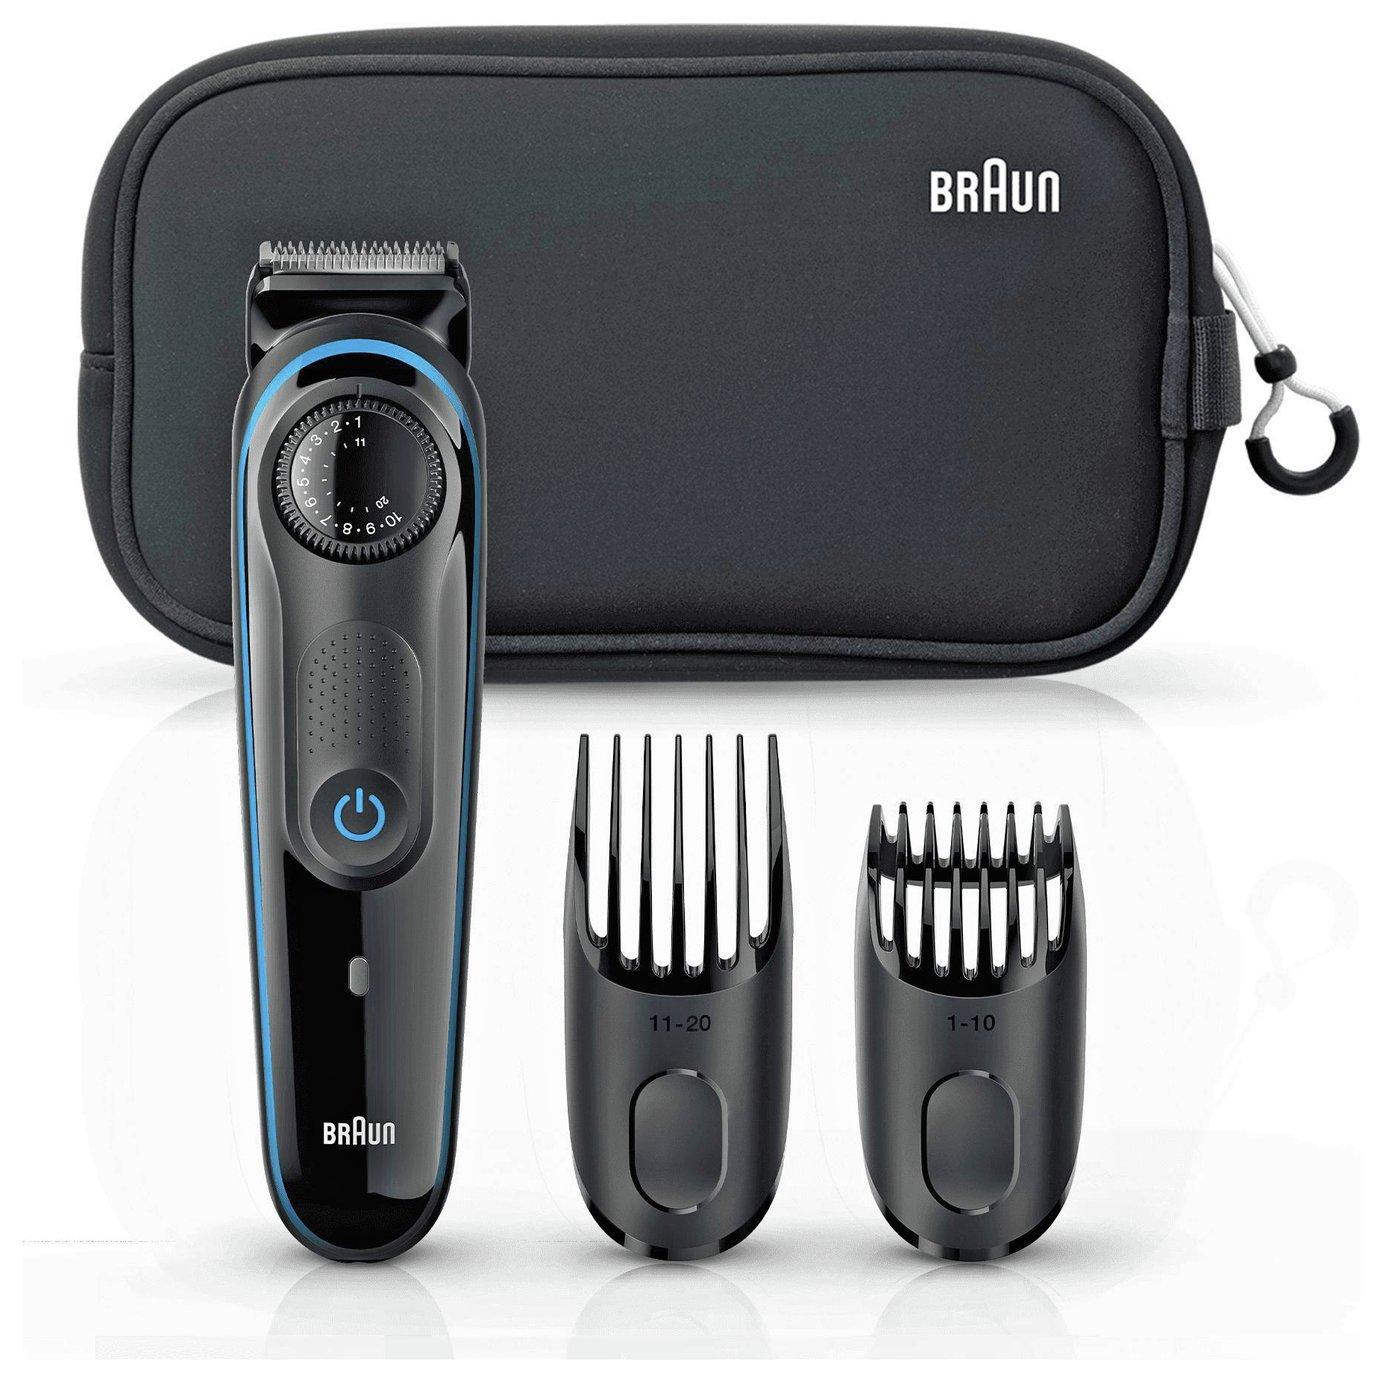 Braun Beard Trimmer and Hair Clipper BT3940TS Gift Set